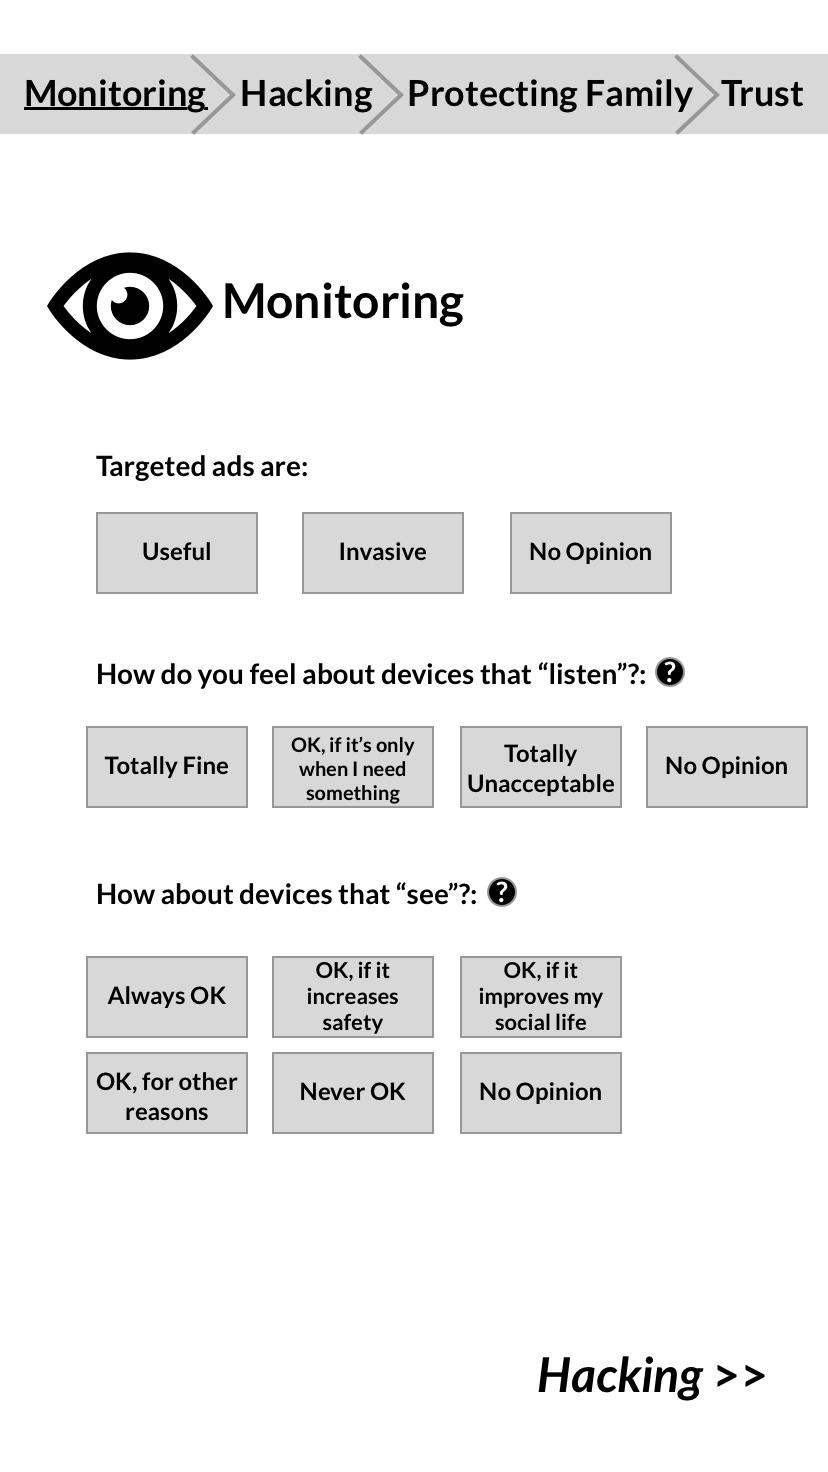 Quiz_Monitoring@2x.jpg